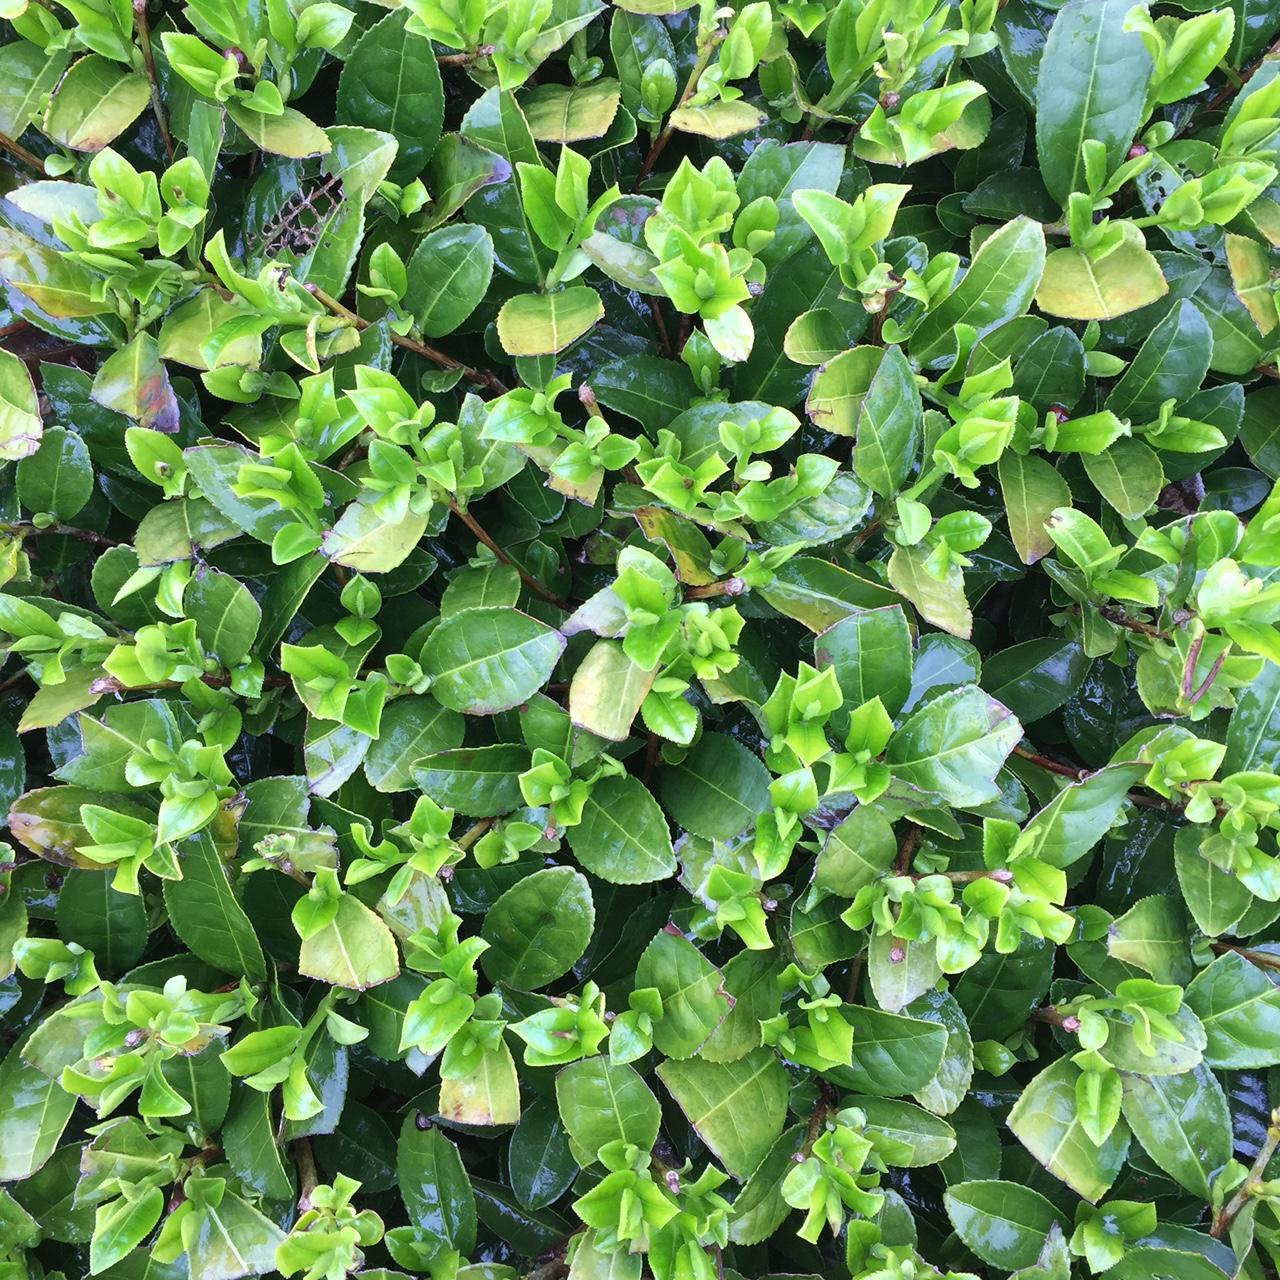 2017年4月11日かごしま緑茶の茶園風景です。品種はゆたかみどりです。小さな新芽がすくすく成長しています。